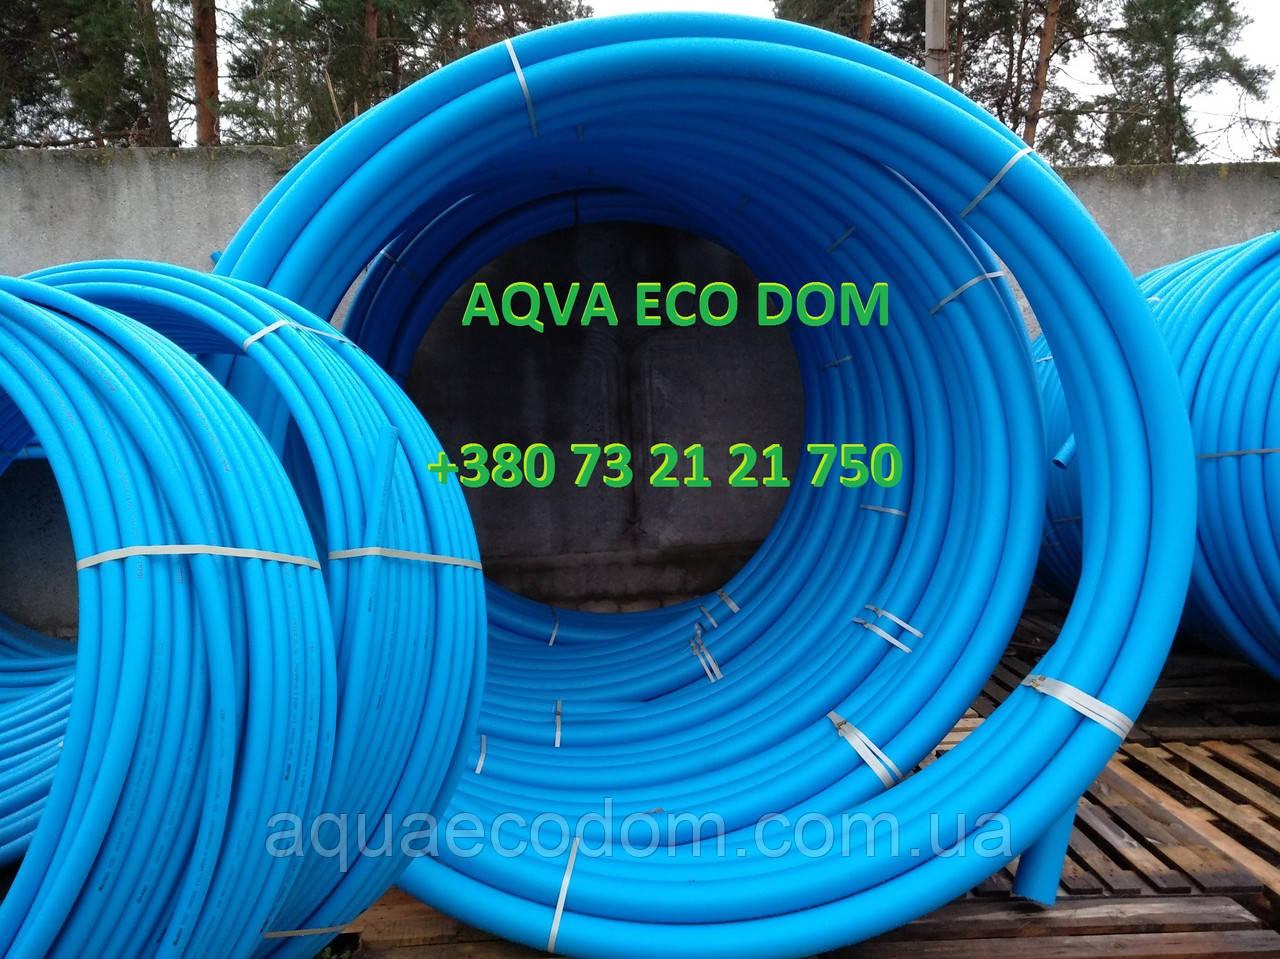 Пищевая труба полиэтиленовая 110 мм 10 атм (синяя)